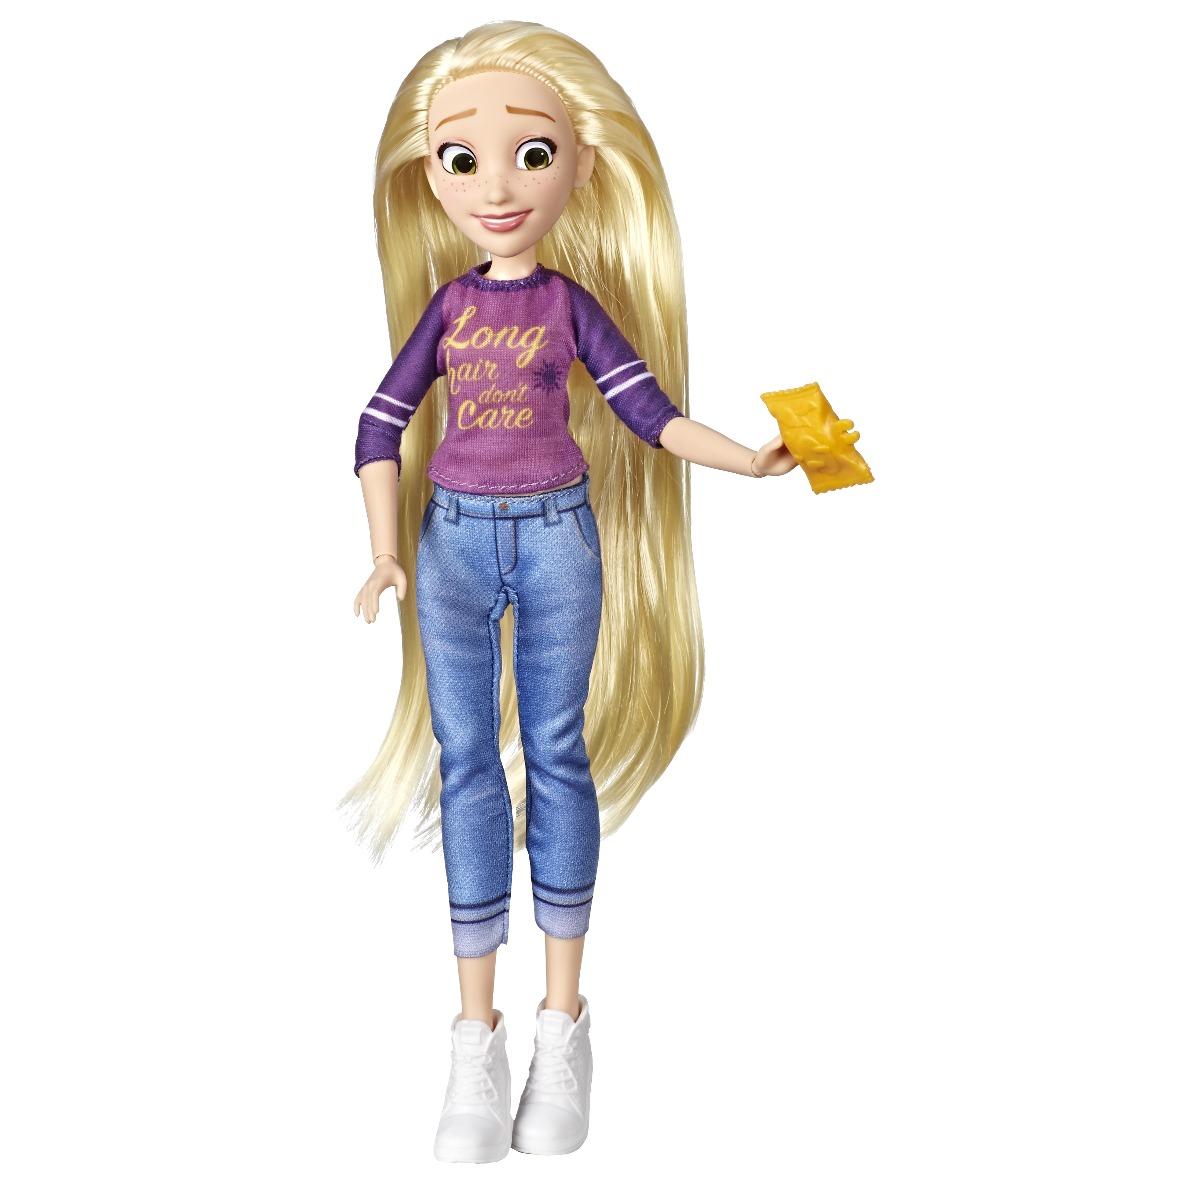 Papusa Disney Princess Comfy Squad, Rapunzel E8402